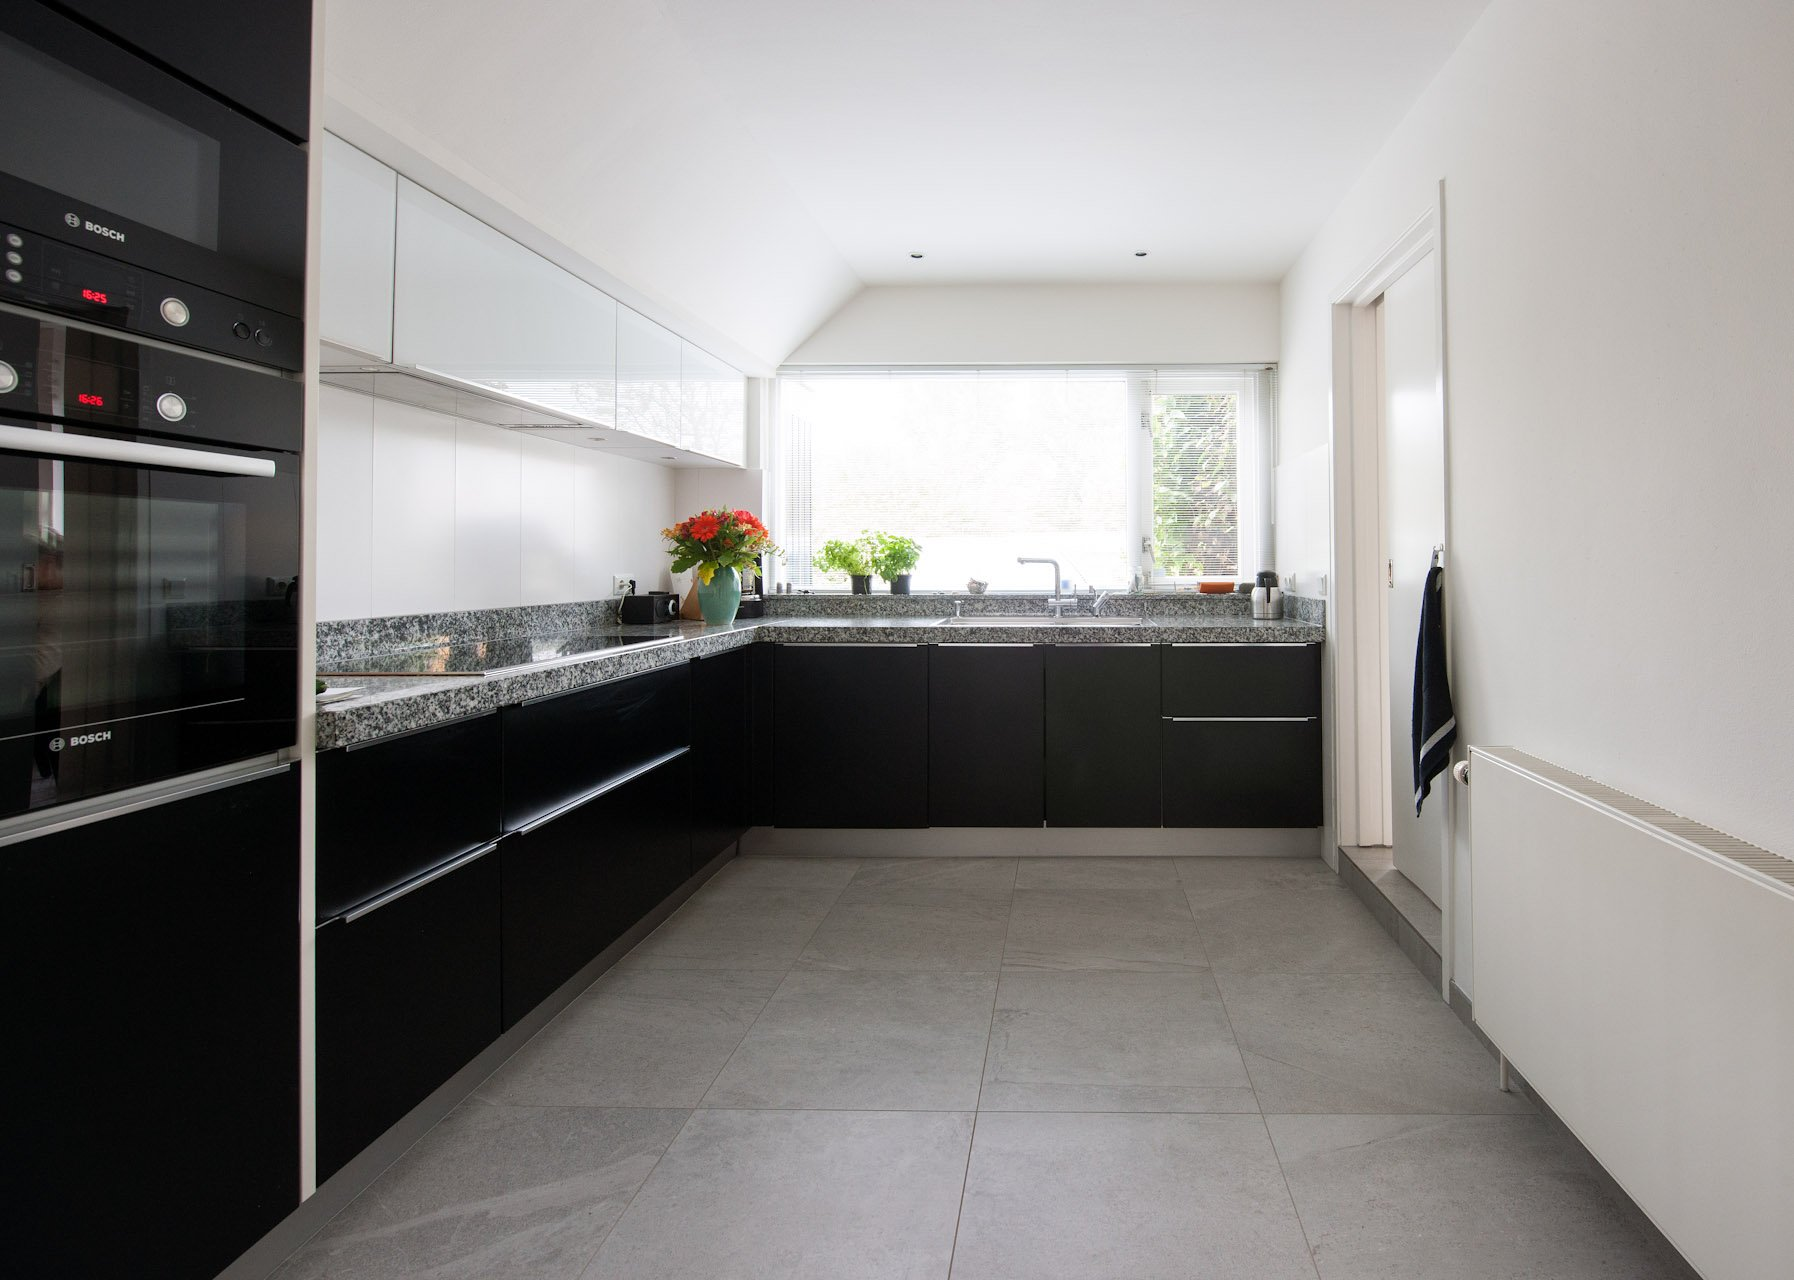 Vloeren keukens tegels: houtlook tegels kroon vloeren in steen